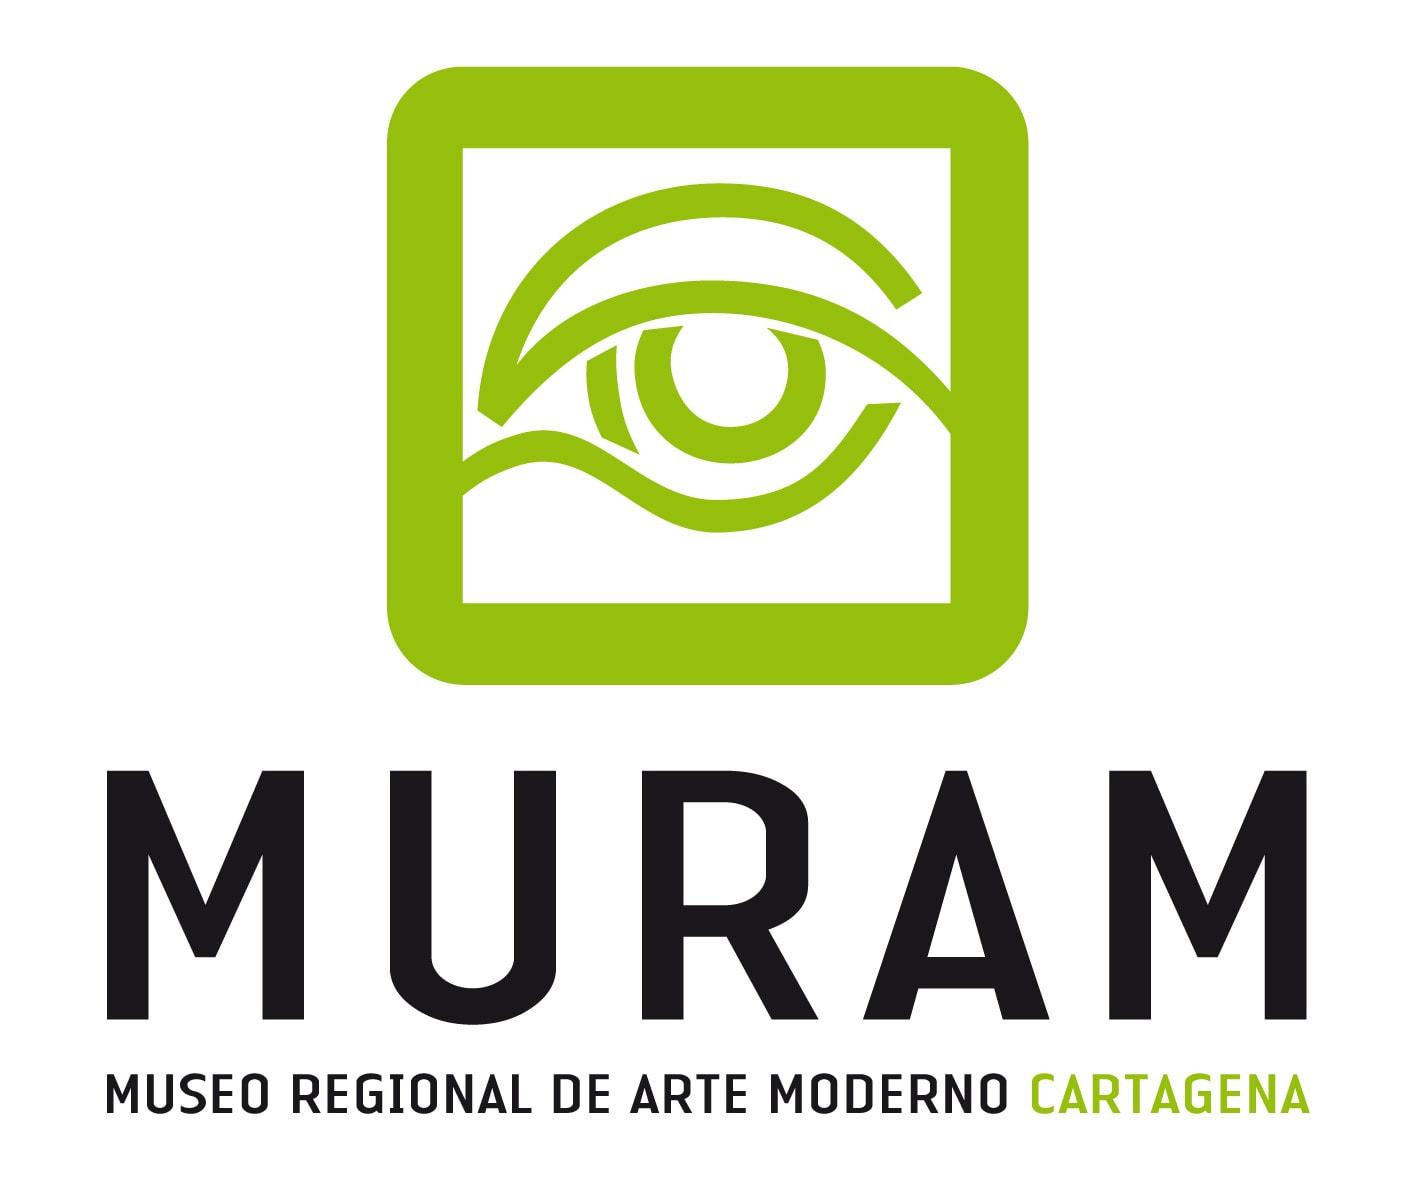 MURAM